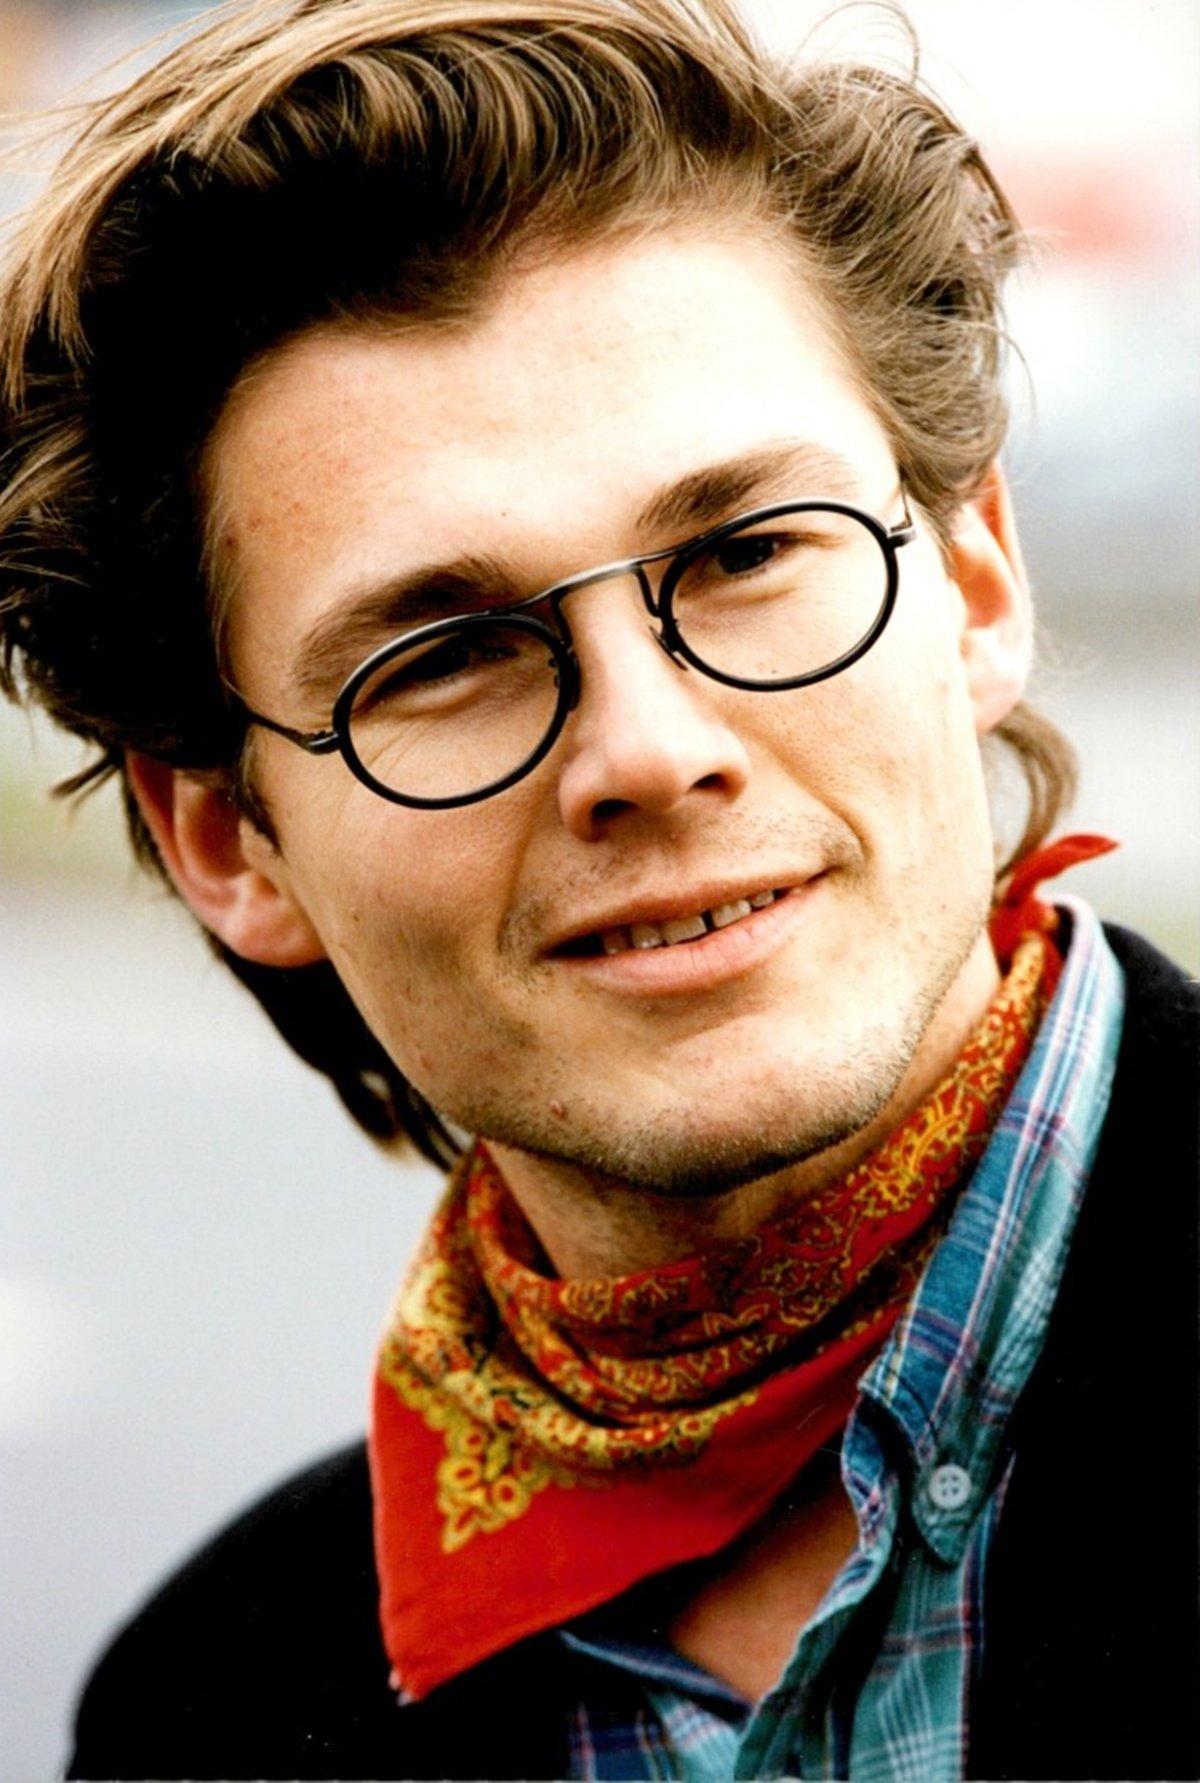 Morten Harket with glasses